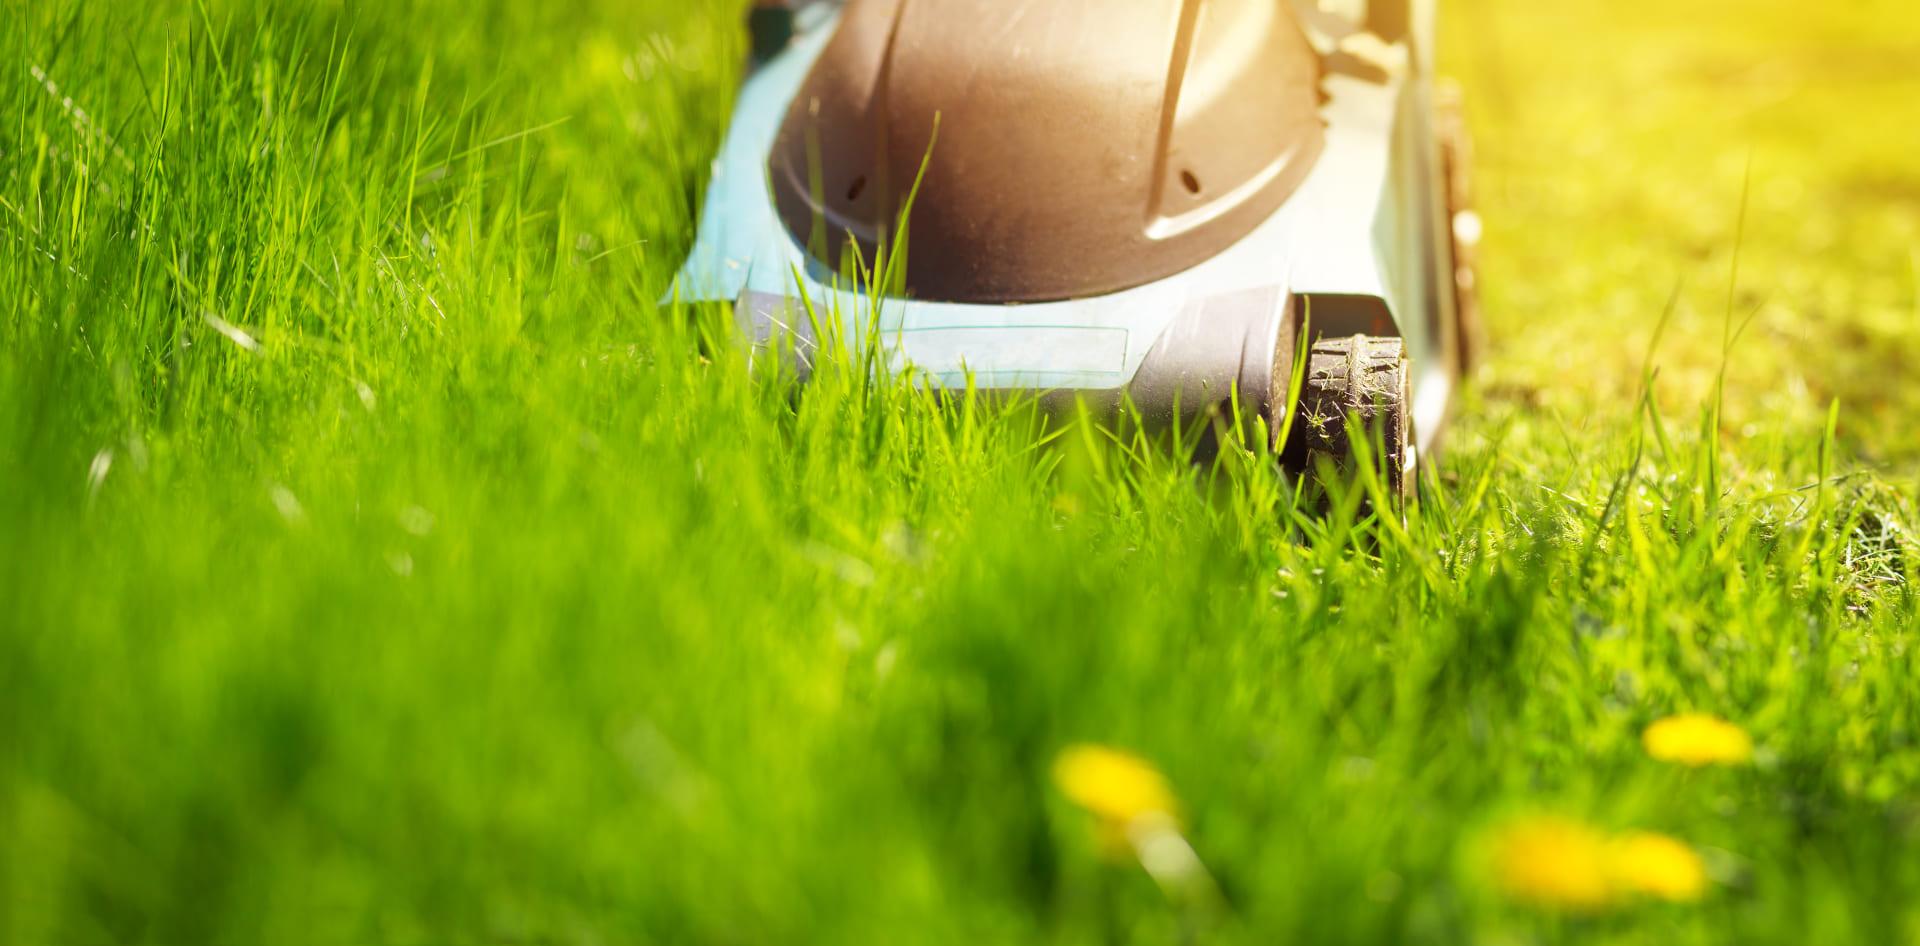 Wurde der Rasen zu früh oder zu kurz gemäht?